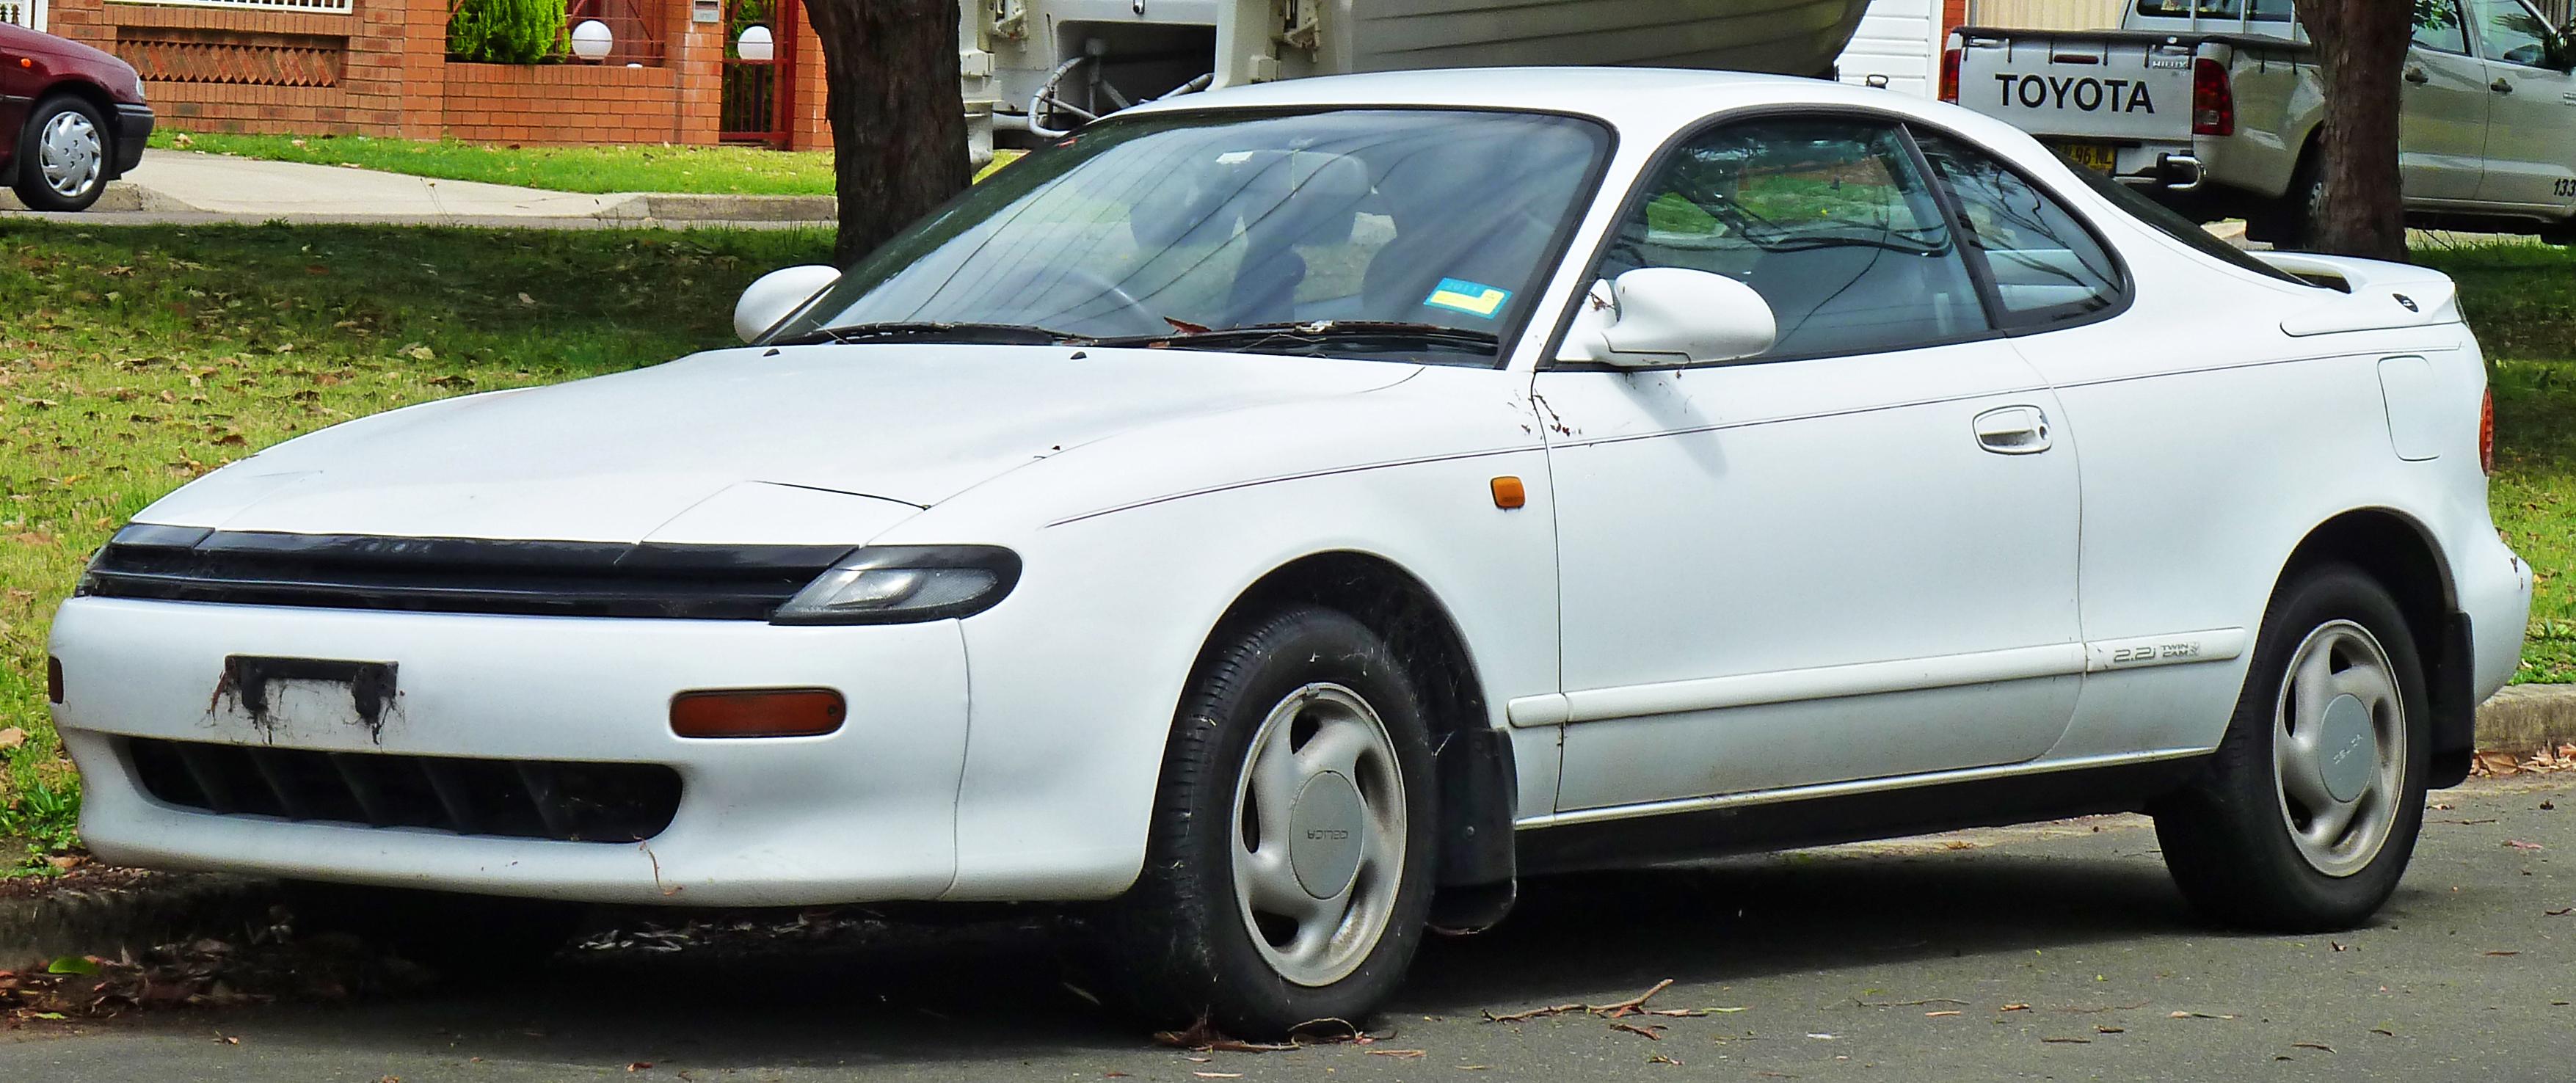 1991 Toyota Celica #1 Toyota Celica #1